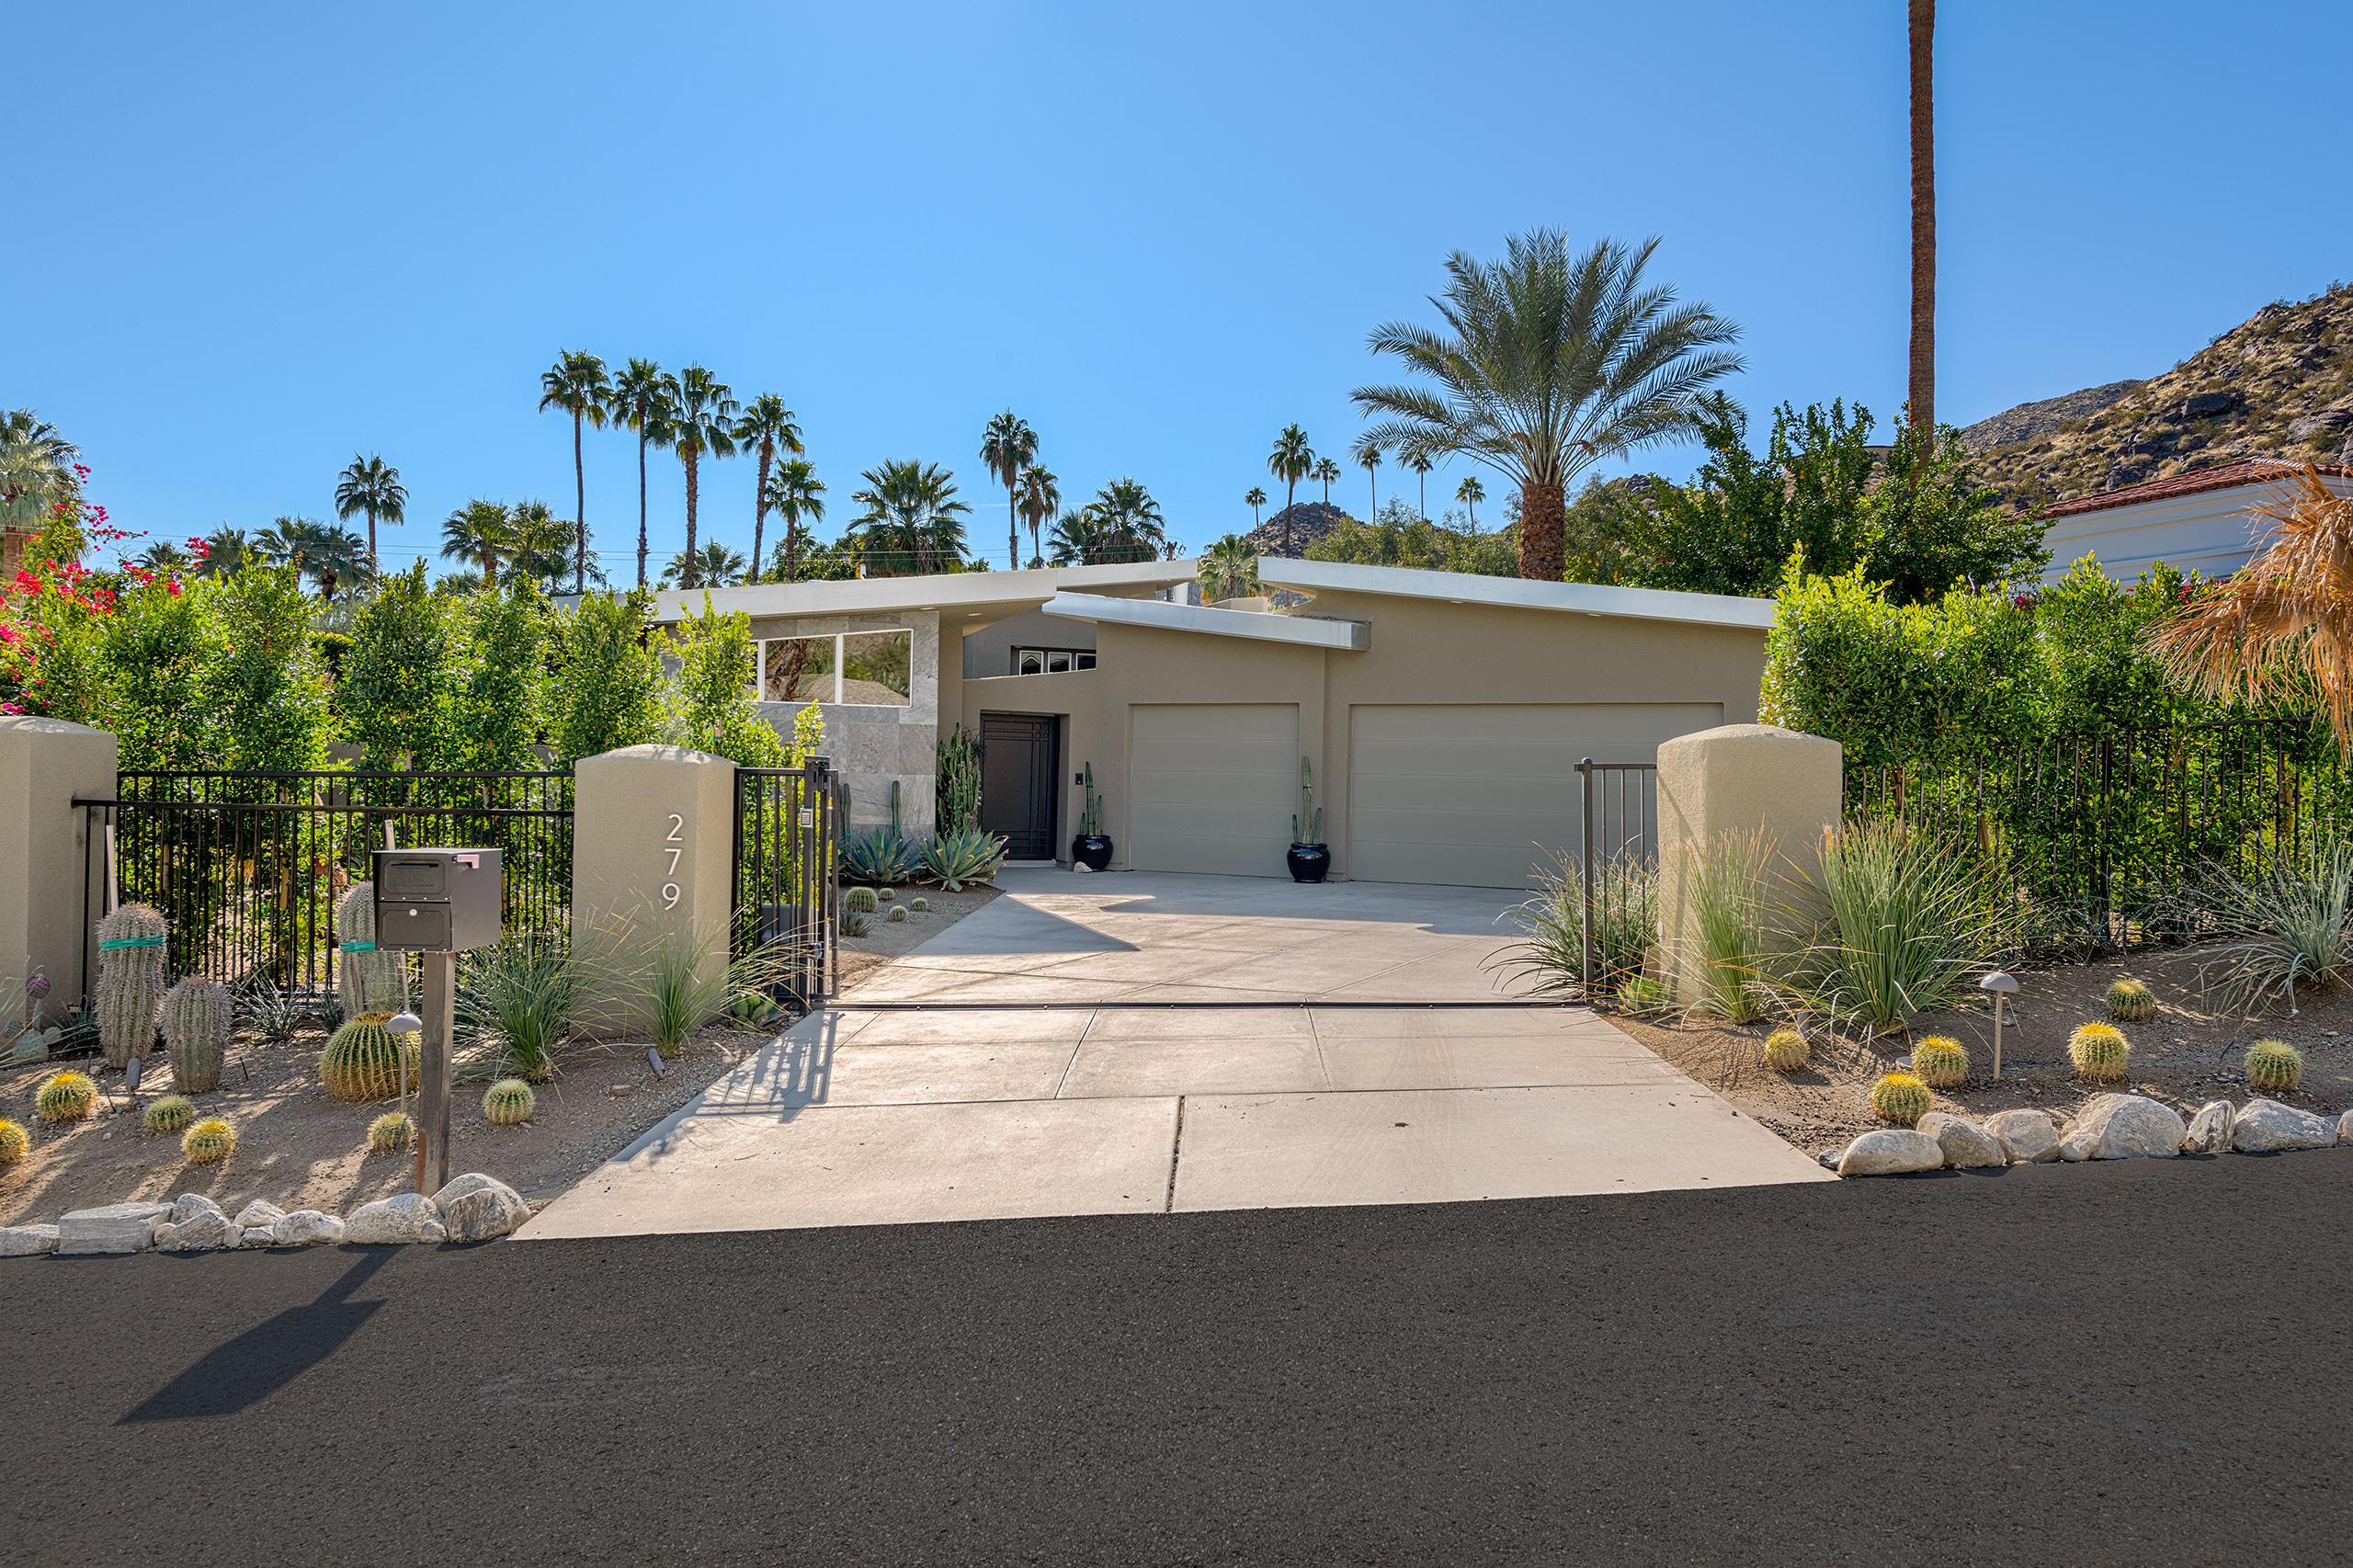 Photo of 279 W Camino Alturas, Palm Springs, CA 92264